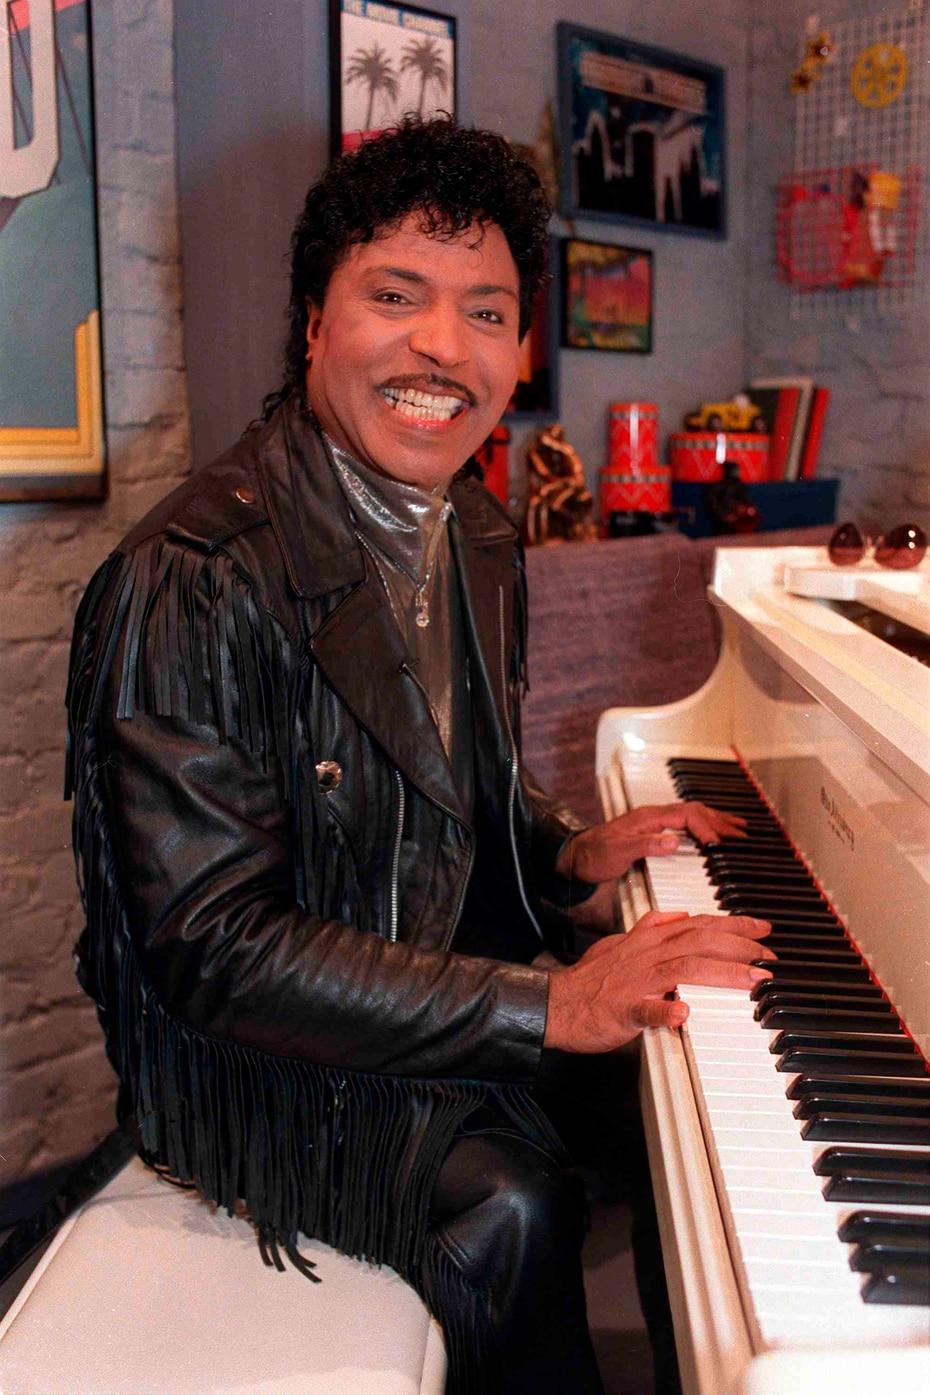 El músico, cuyo nombre real era Richard Wayne Penniman, está considerado como uno de los fundadores del rock and roll. Foto de 1988 durante una grabación.